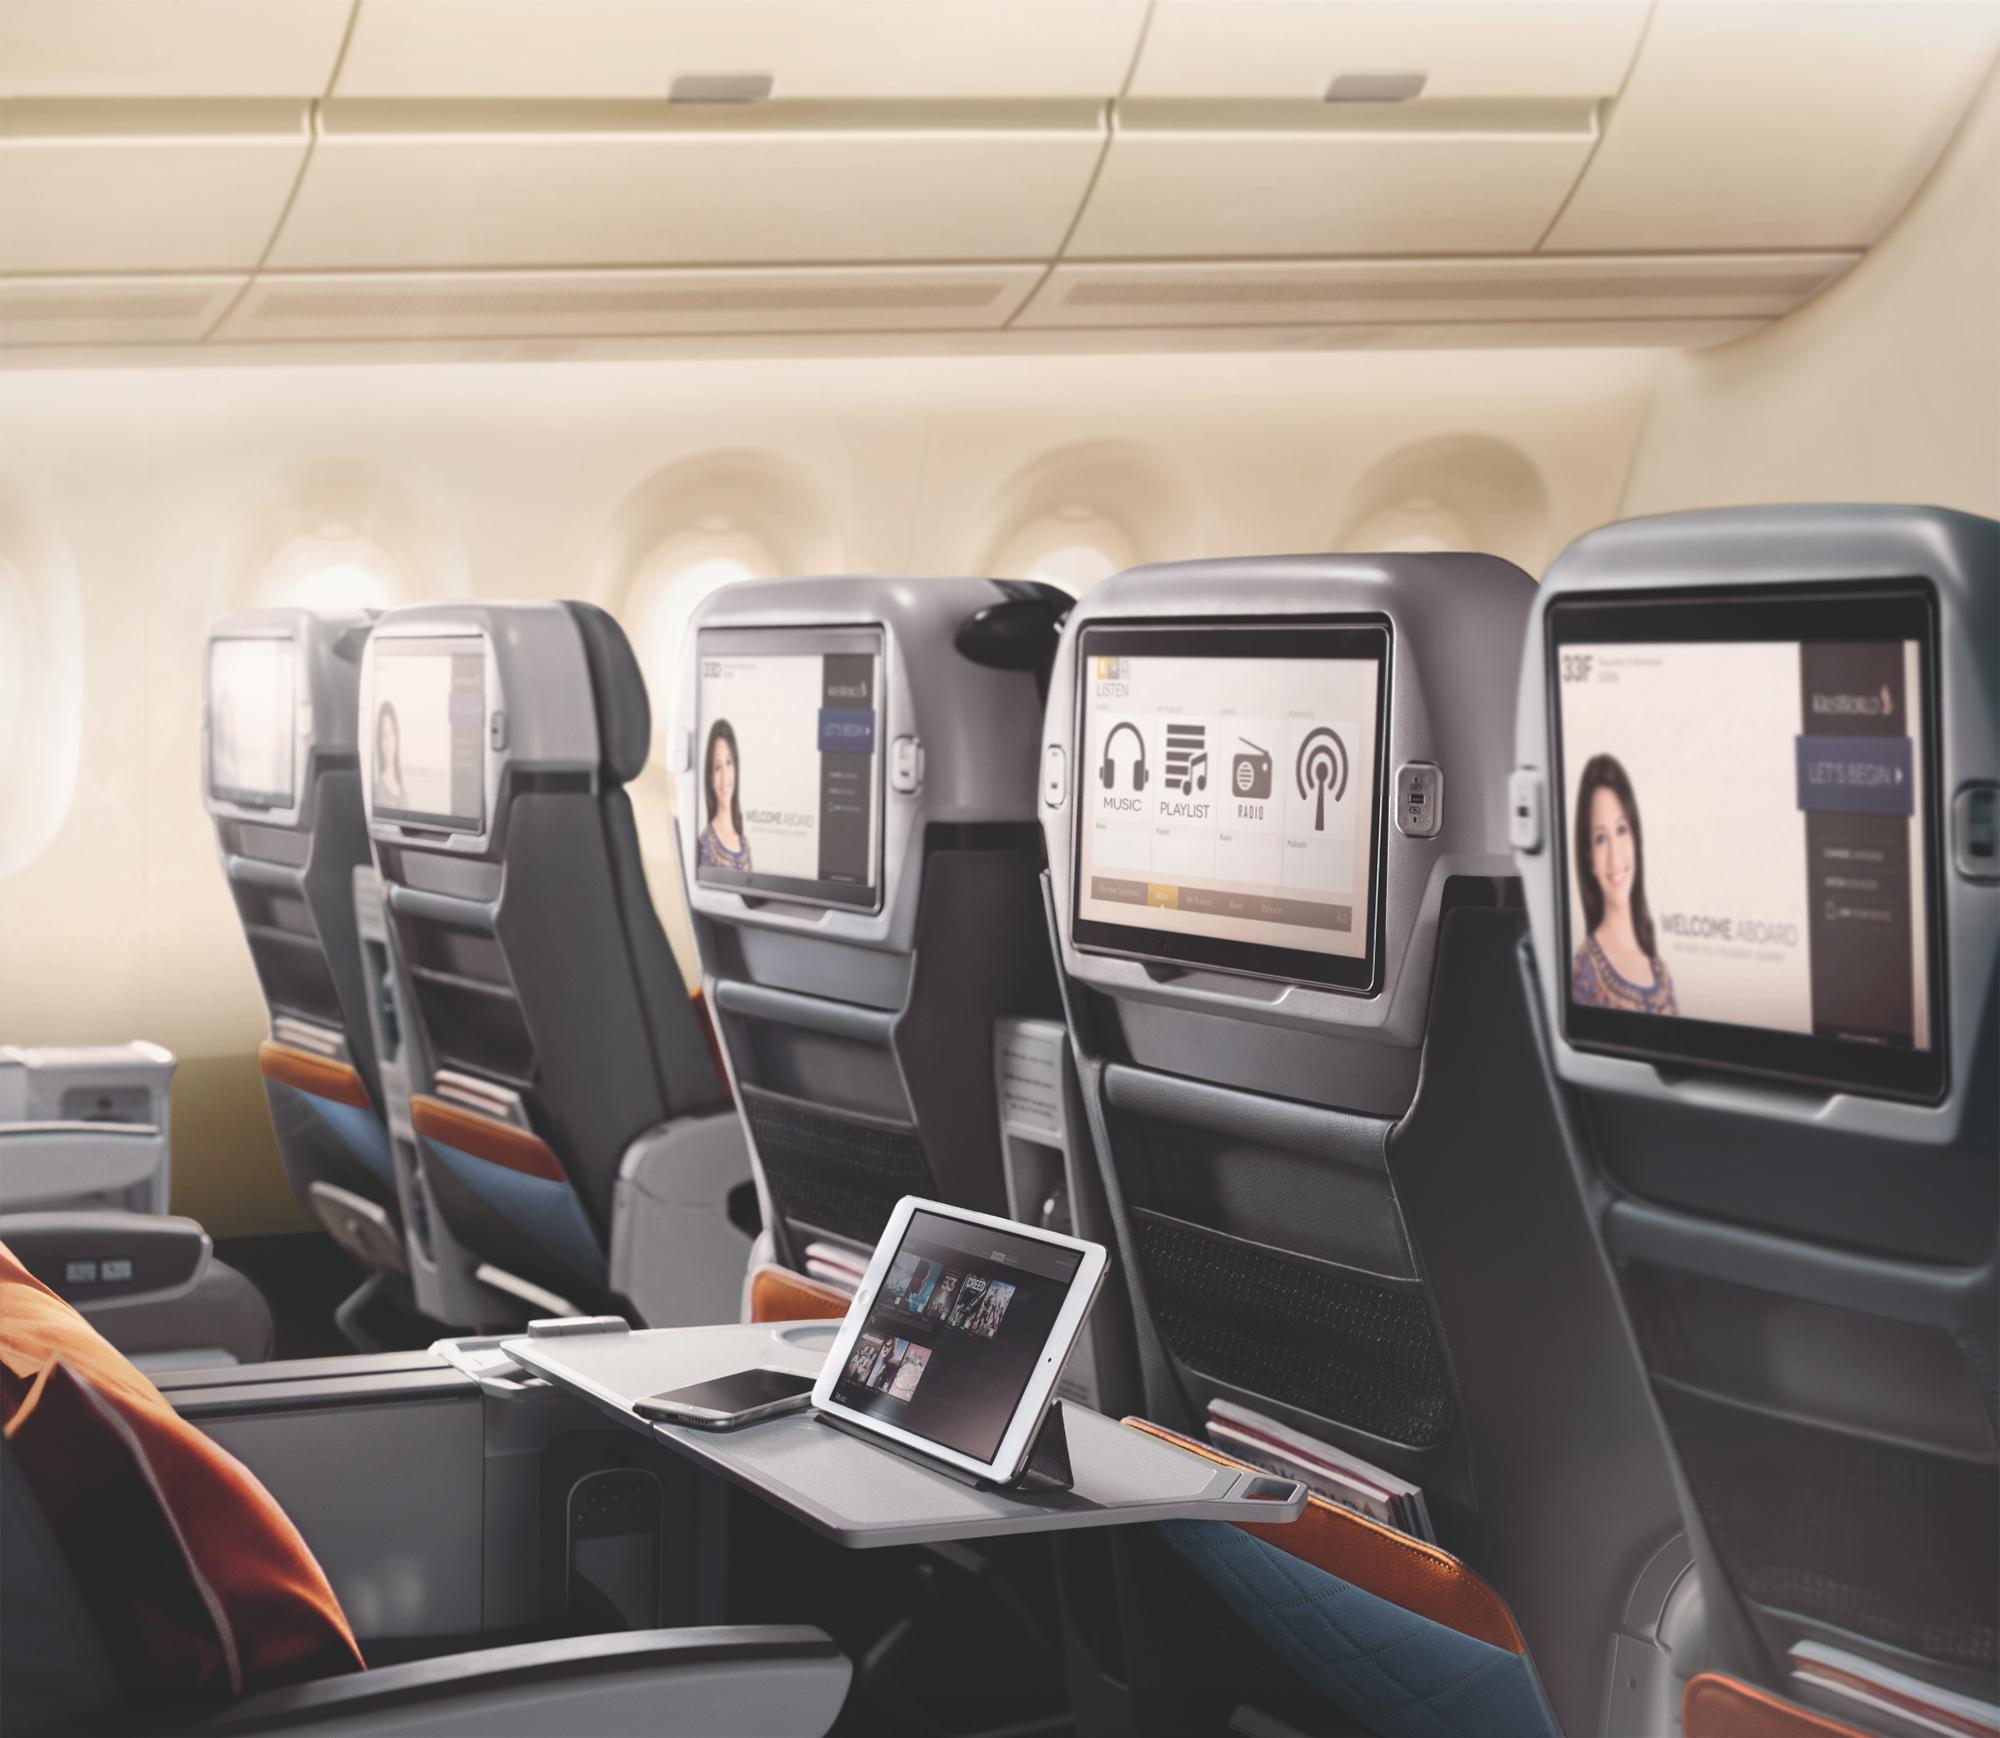 Premium Economy (Singapore Airlines)